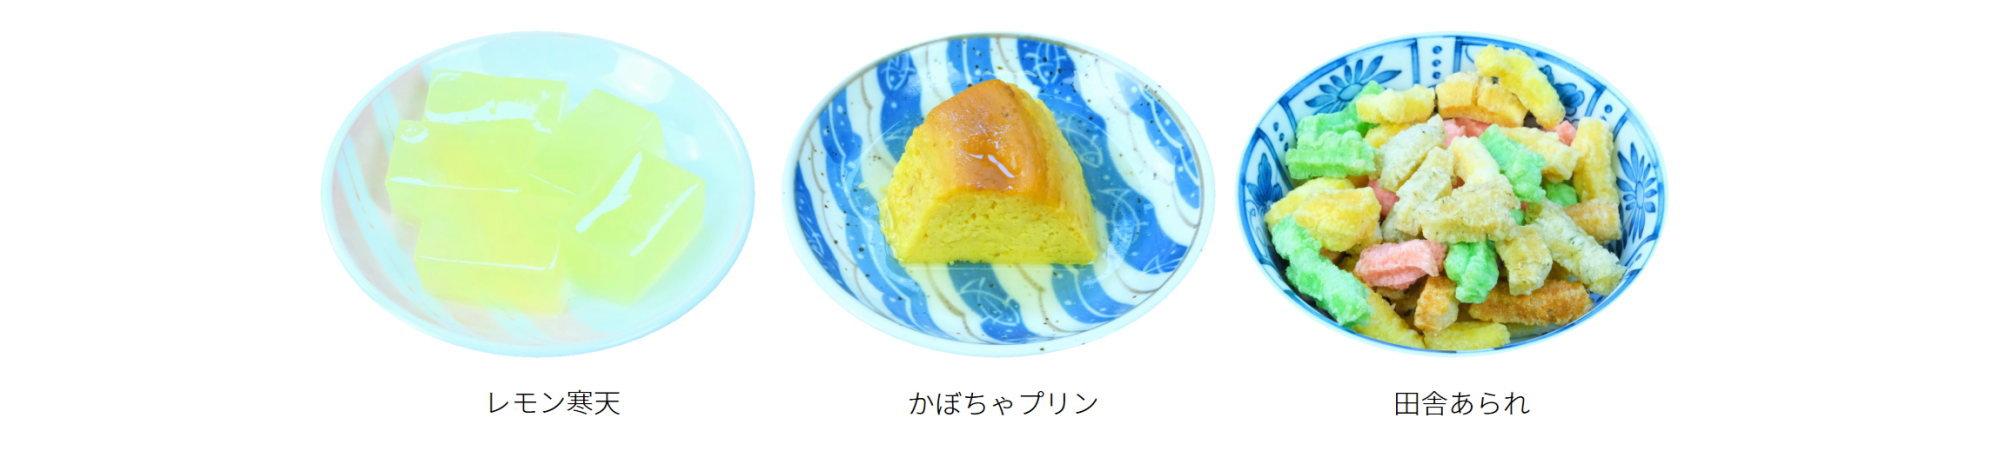 ウェルカムデザート・・何になるかは当日のお楽しみ・レモン寒天またはかぼちゃプリンまたは田舎あられ